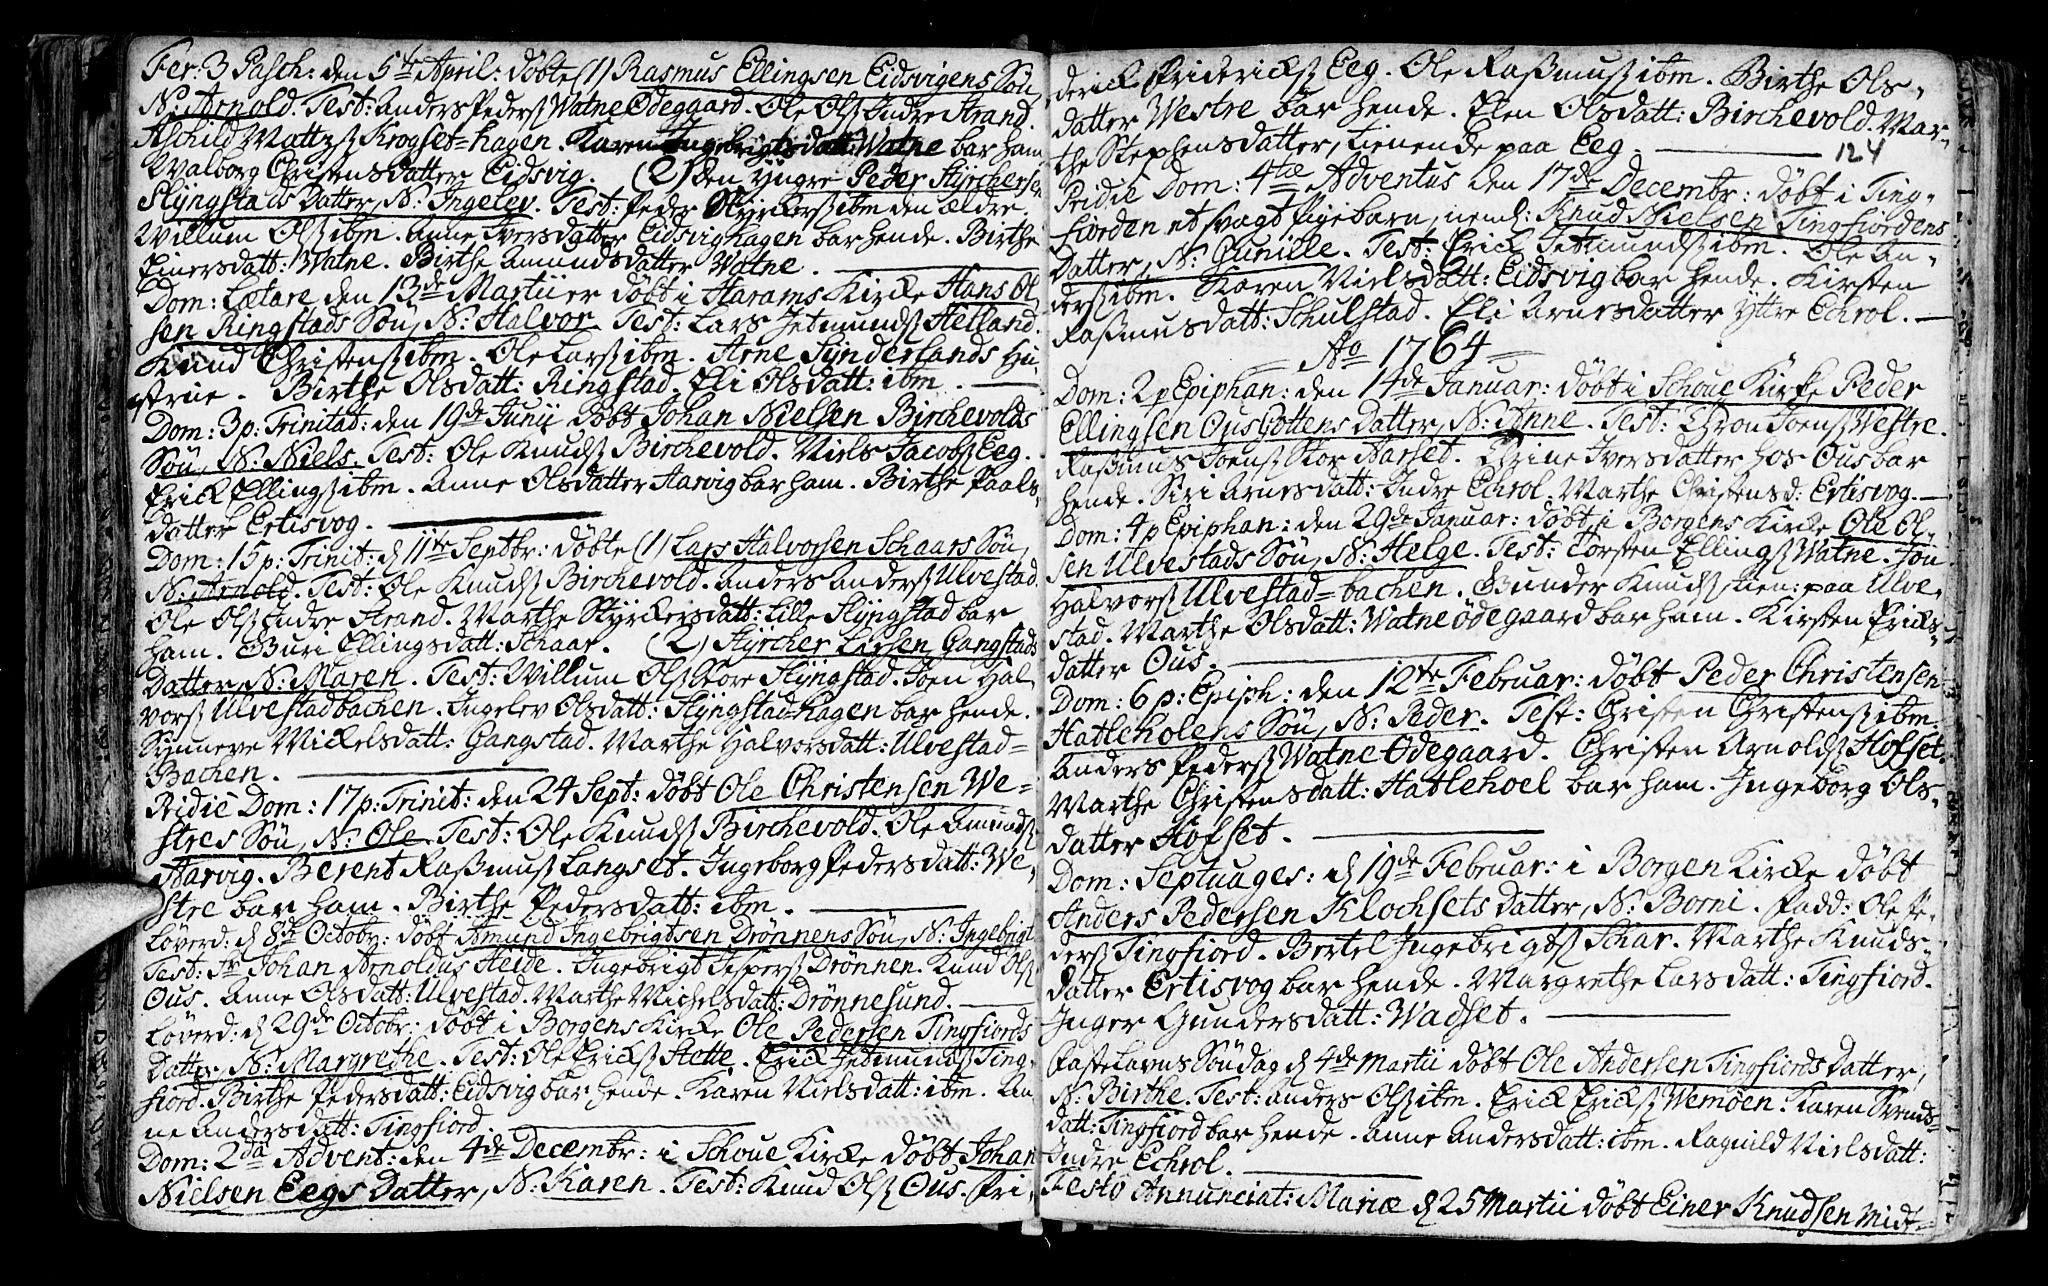 SAT, Ministerialprotokoller, klokkerbøker og fødselsregistre - Møre og Romsdal, 525/L0371: Ministerialbok nr. 525A01, 1699-1777, s. 124